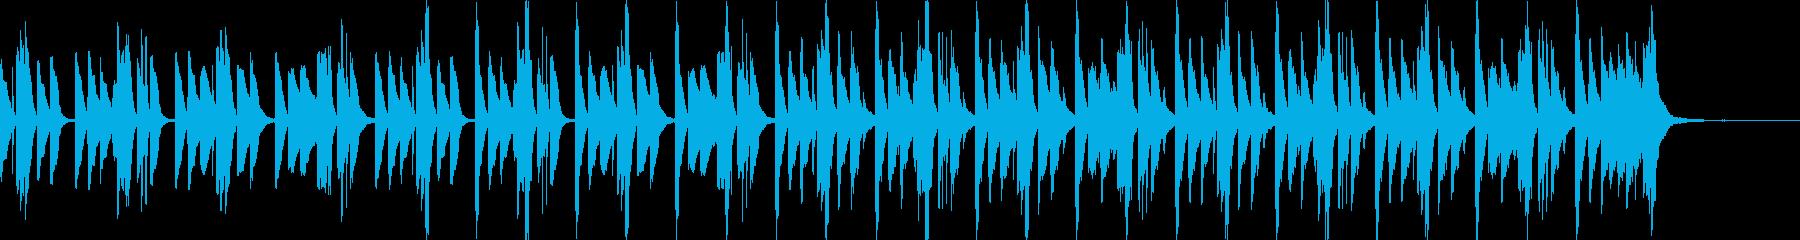 CM、軽快でほのぼのかわいい30秒の曲の再生済みの波形